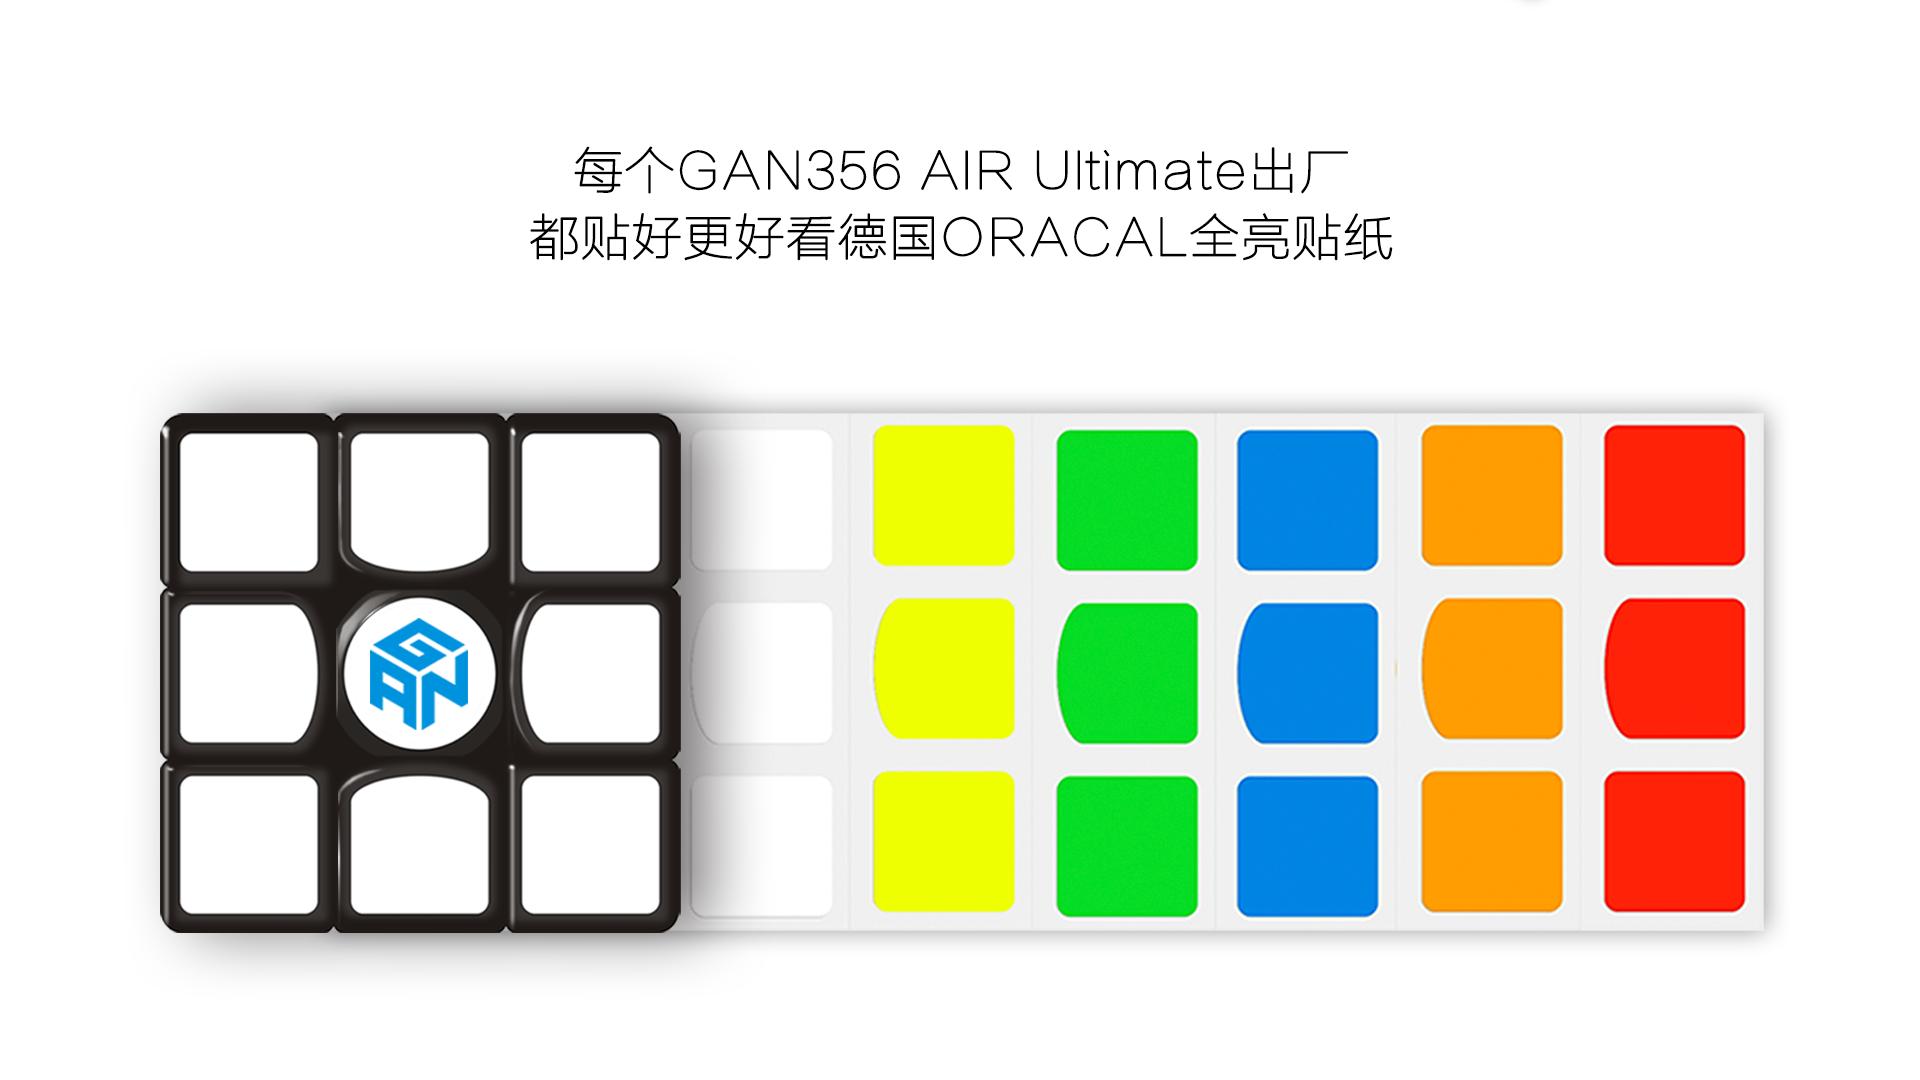 Air-U商品介绍图层合并_09